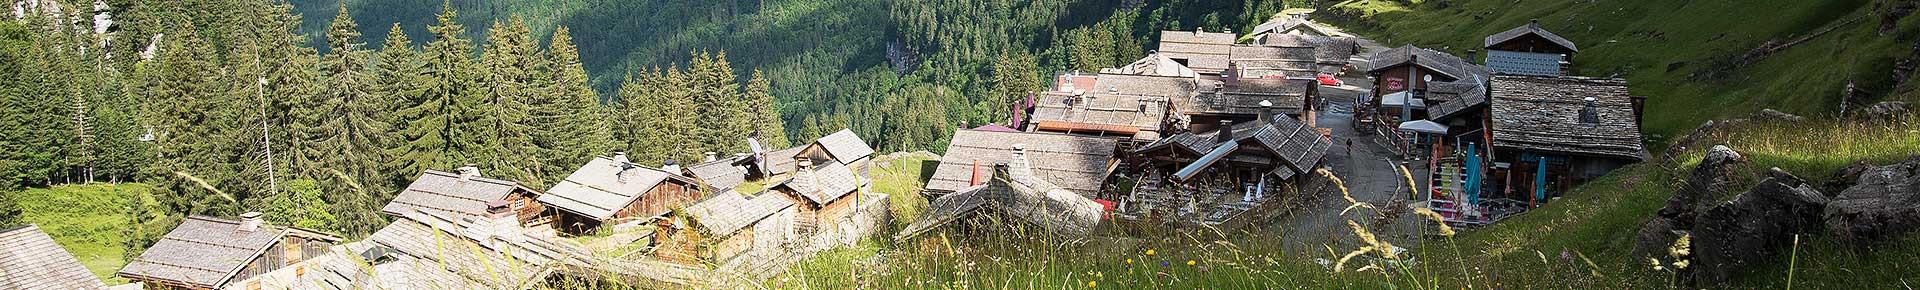 Lindarets, village des chèvres